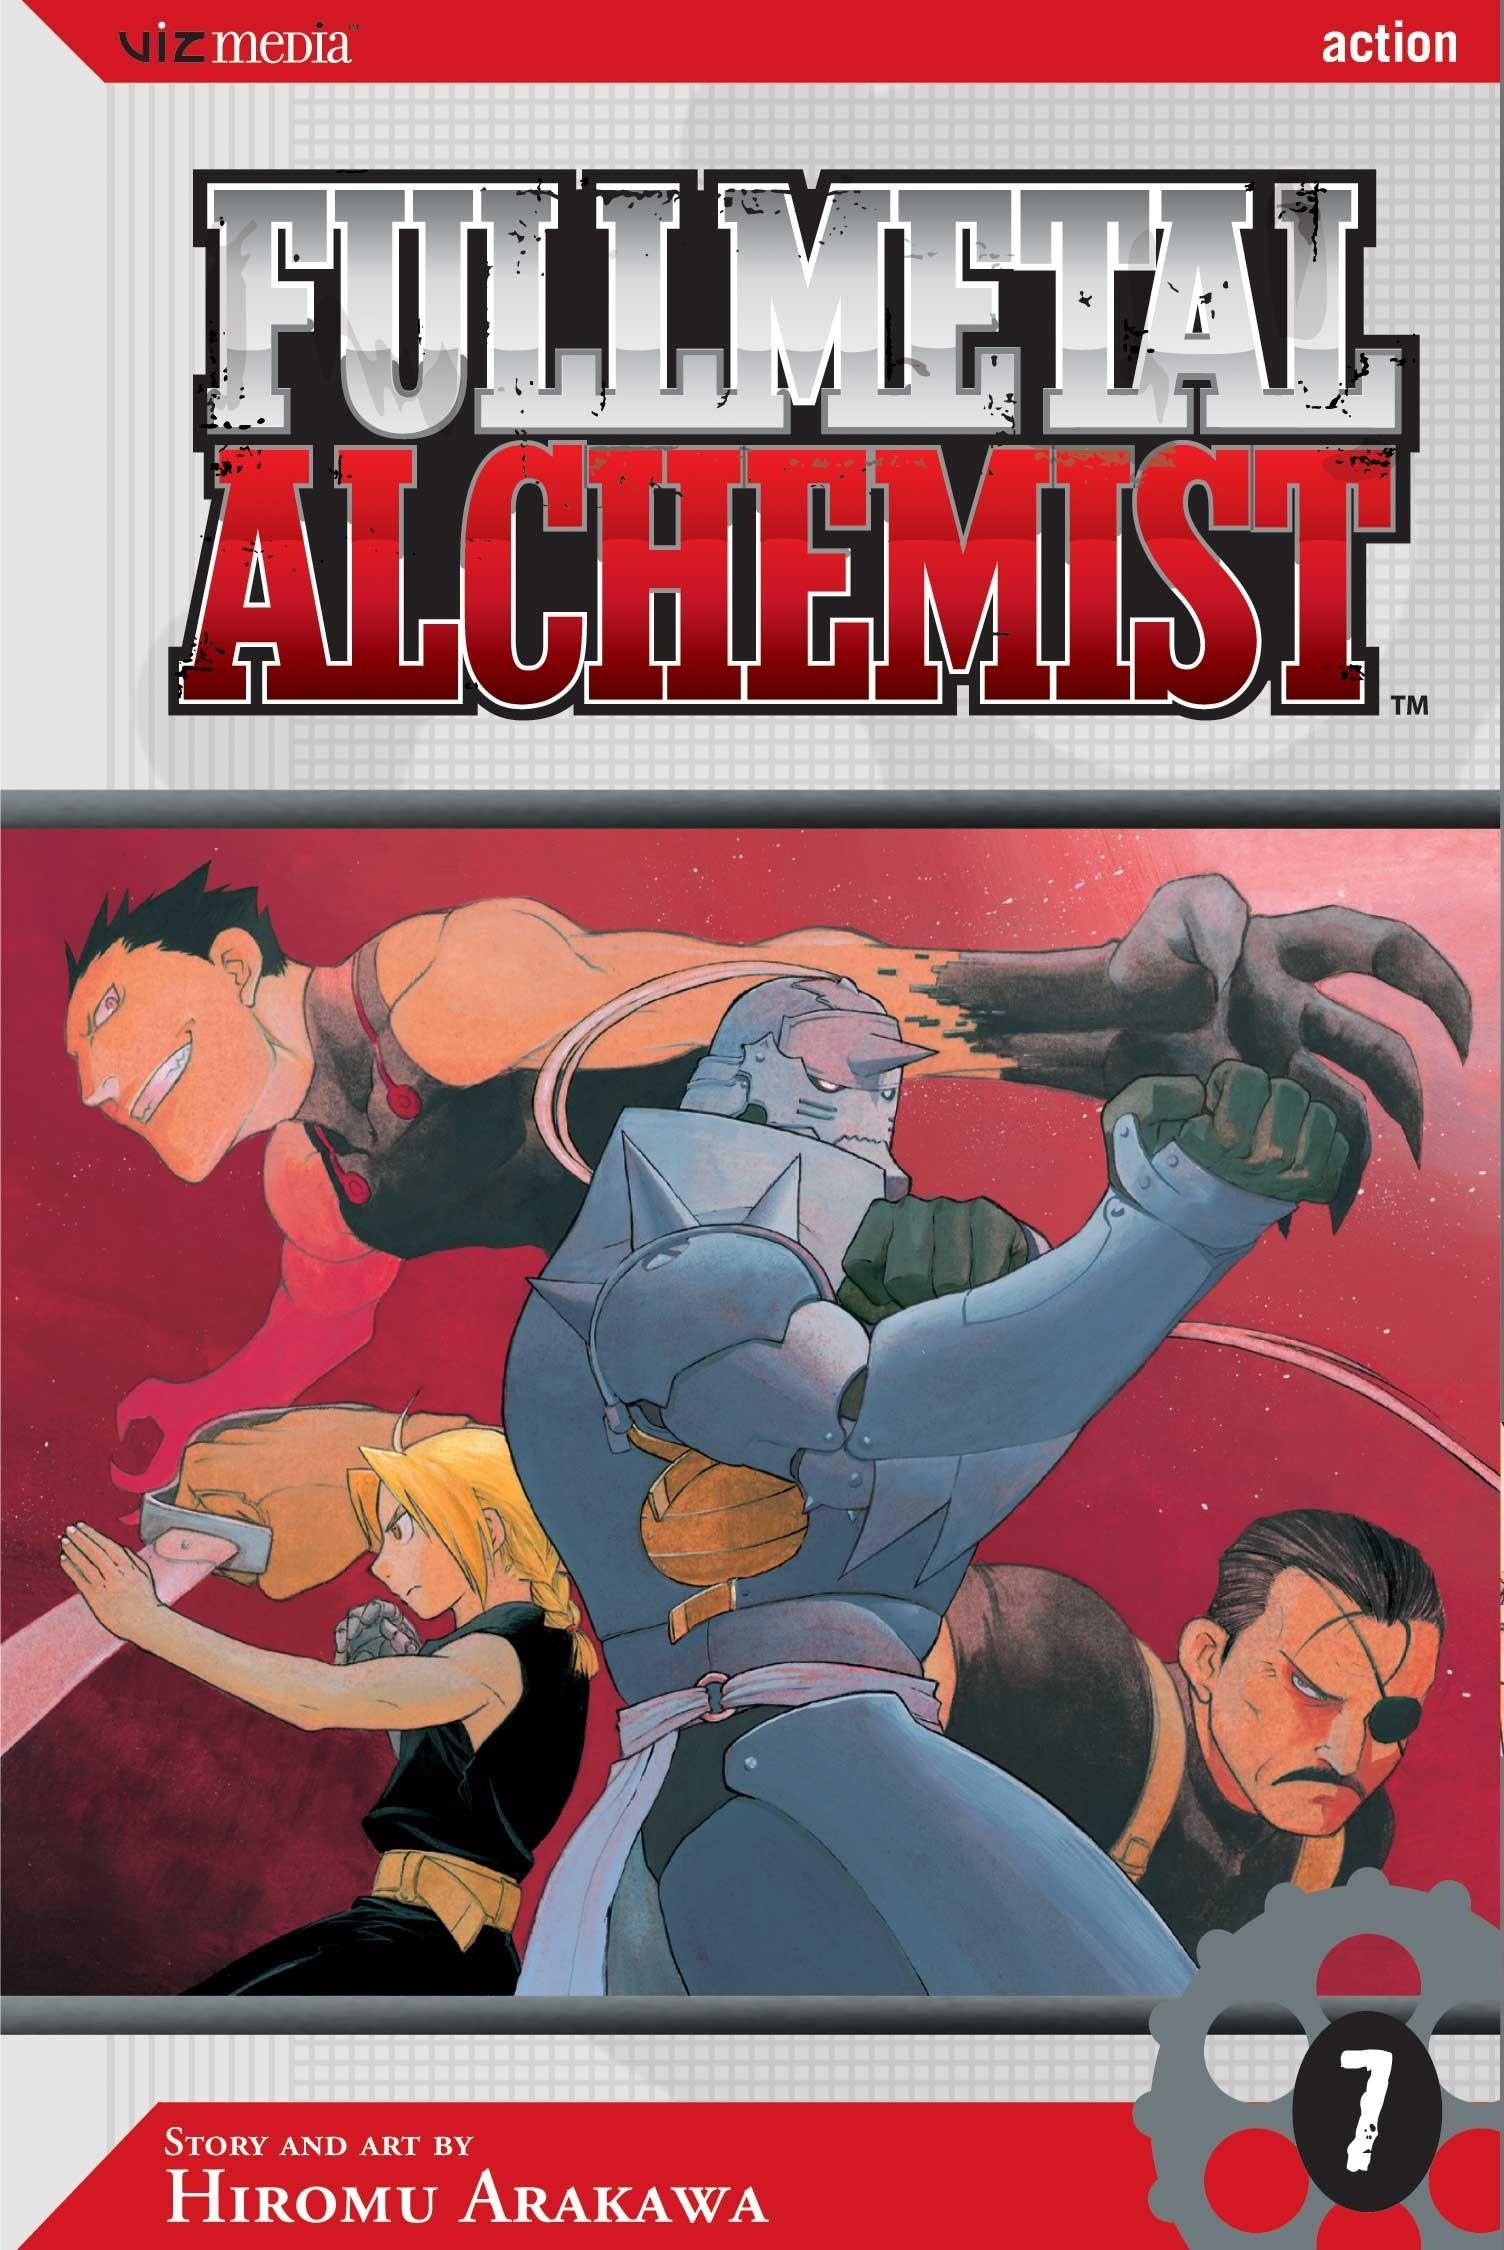 FULLMETAL ALCHEMIST, Vol. 07